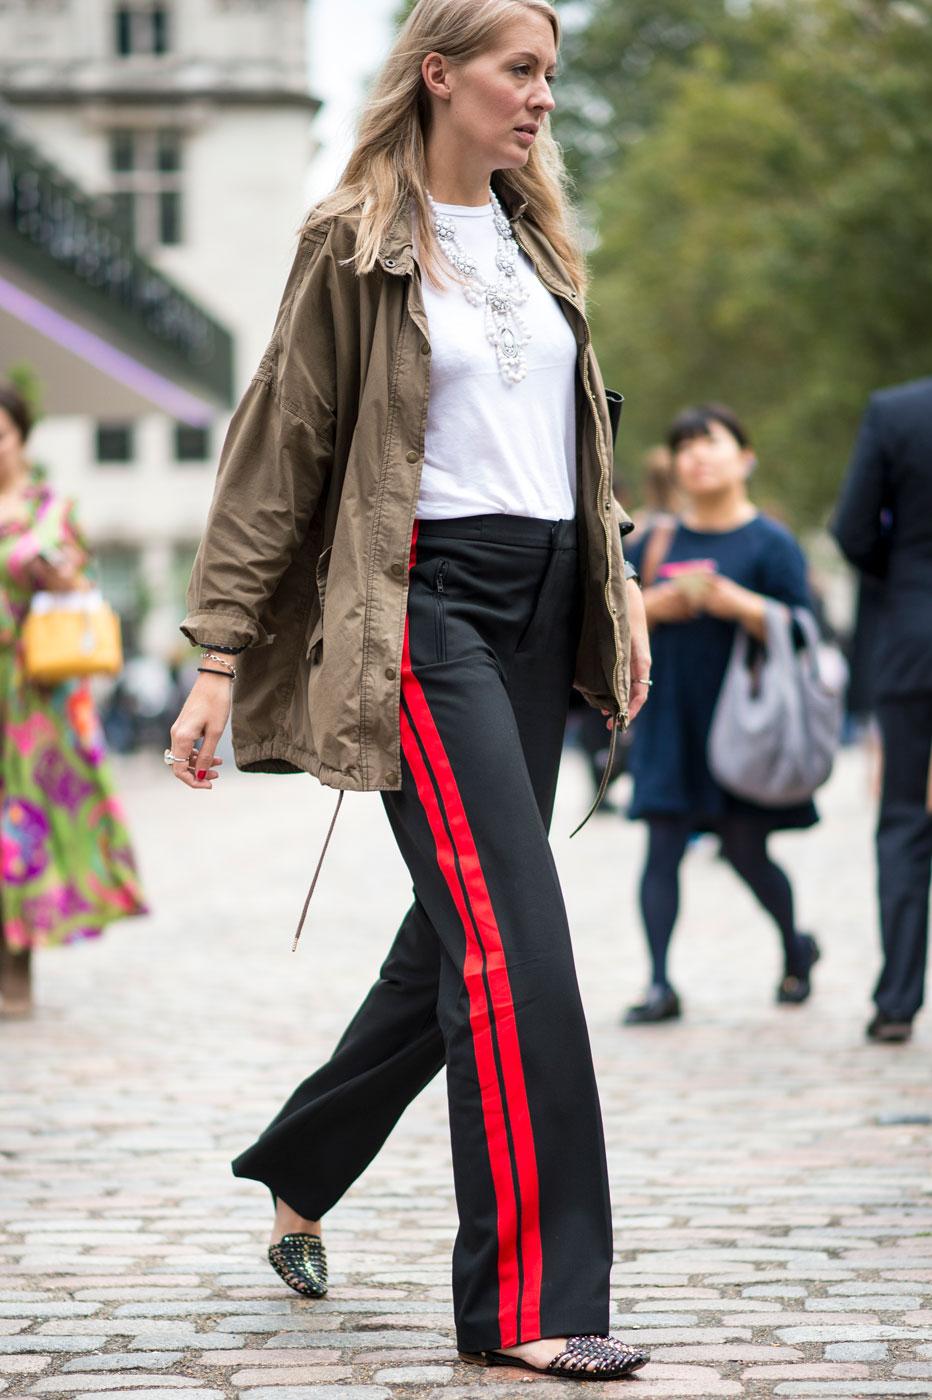 Le Pantalon Bandes Les 15 Tendances Mode Incontournables De L 39 Hiver 2017 Elle